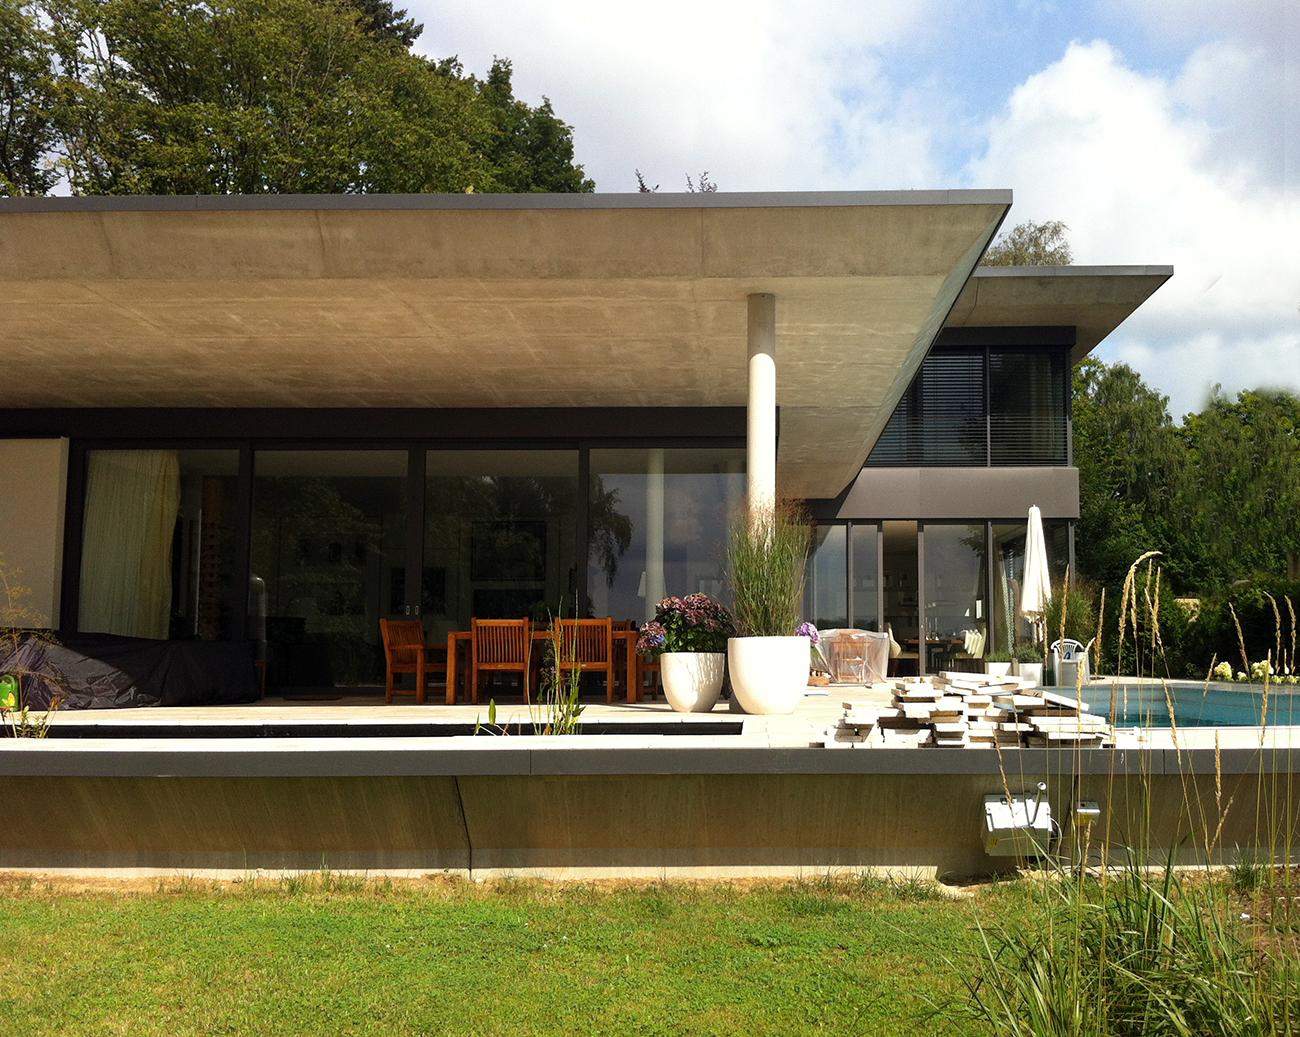 dmw planungsgruppe neubau einer transparenten villa mit einliegerwohnung. Black Bedroom Furniture Sets. Home Design Ideas